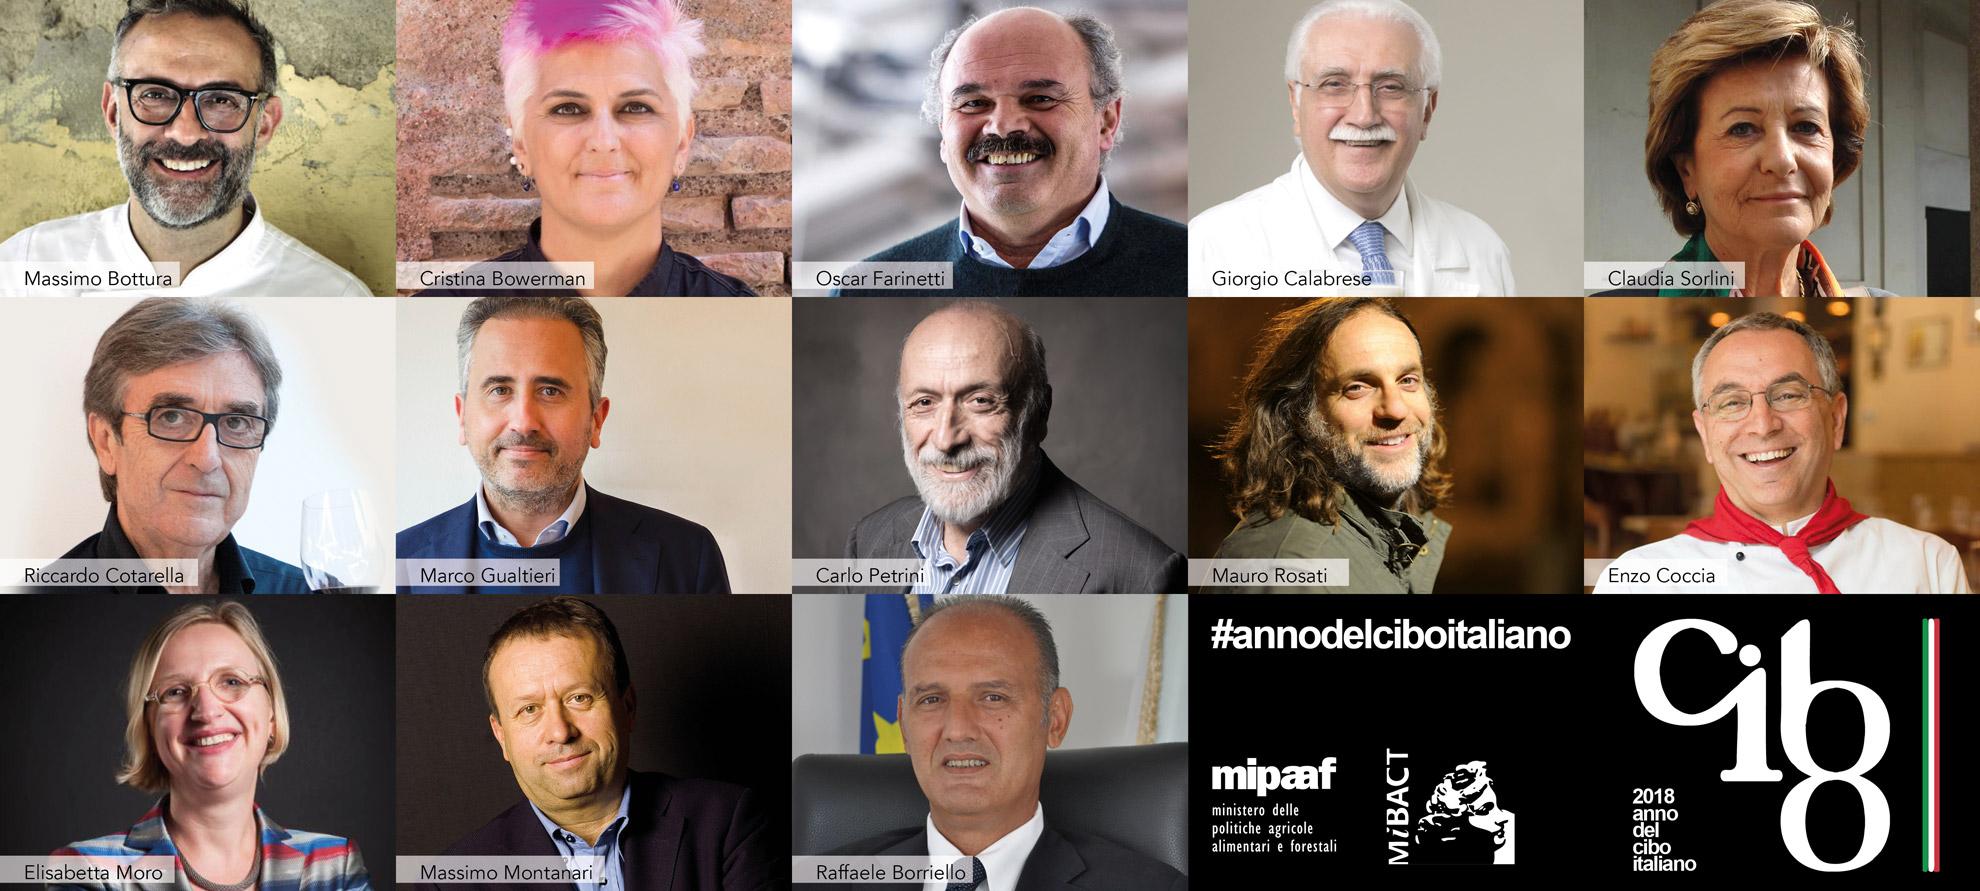 Anno-del-Cibo-Italiano-MauroRosati-1024x461